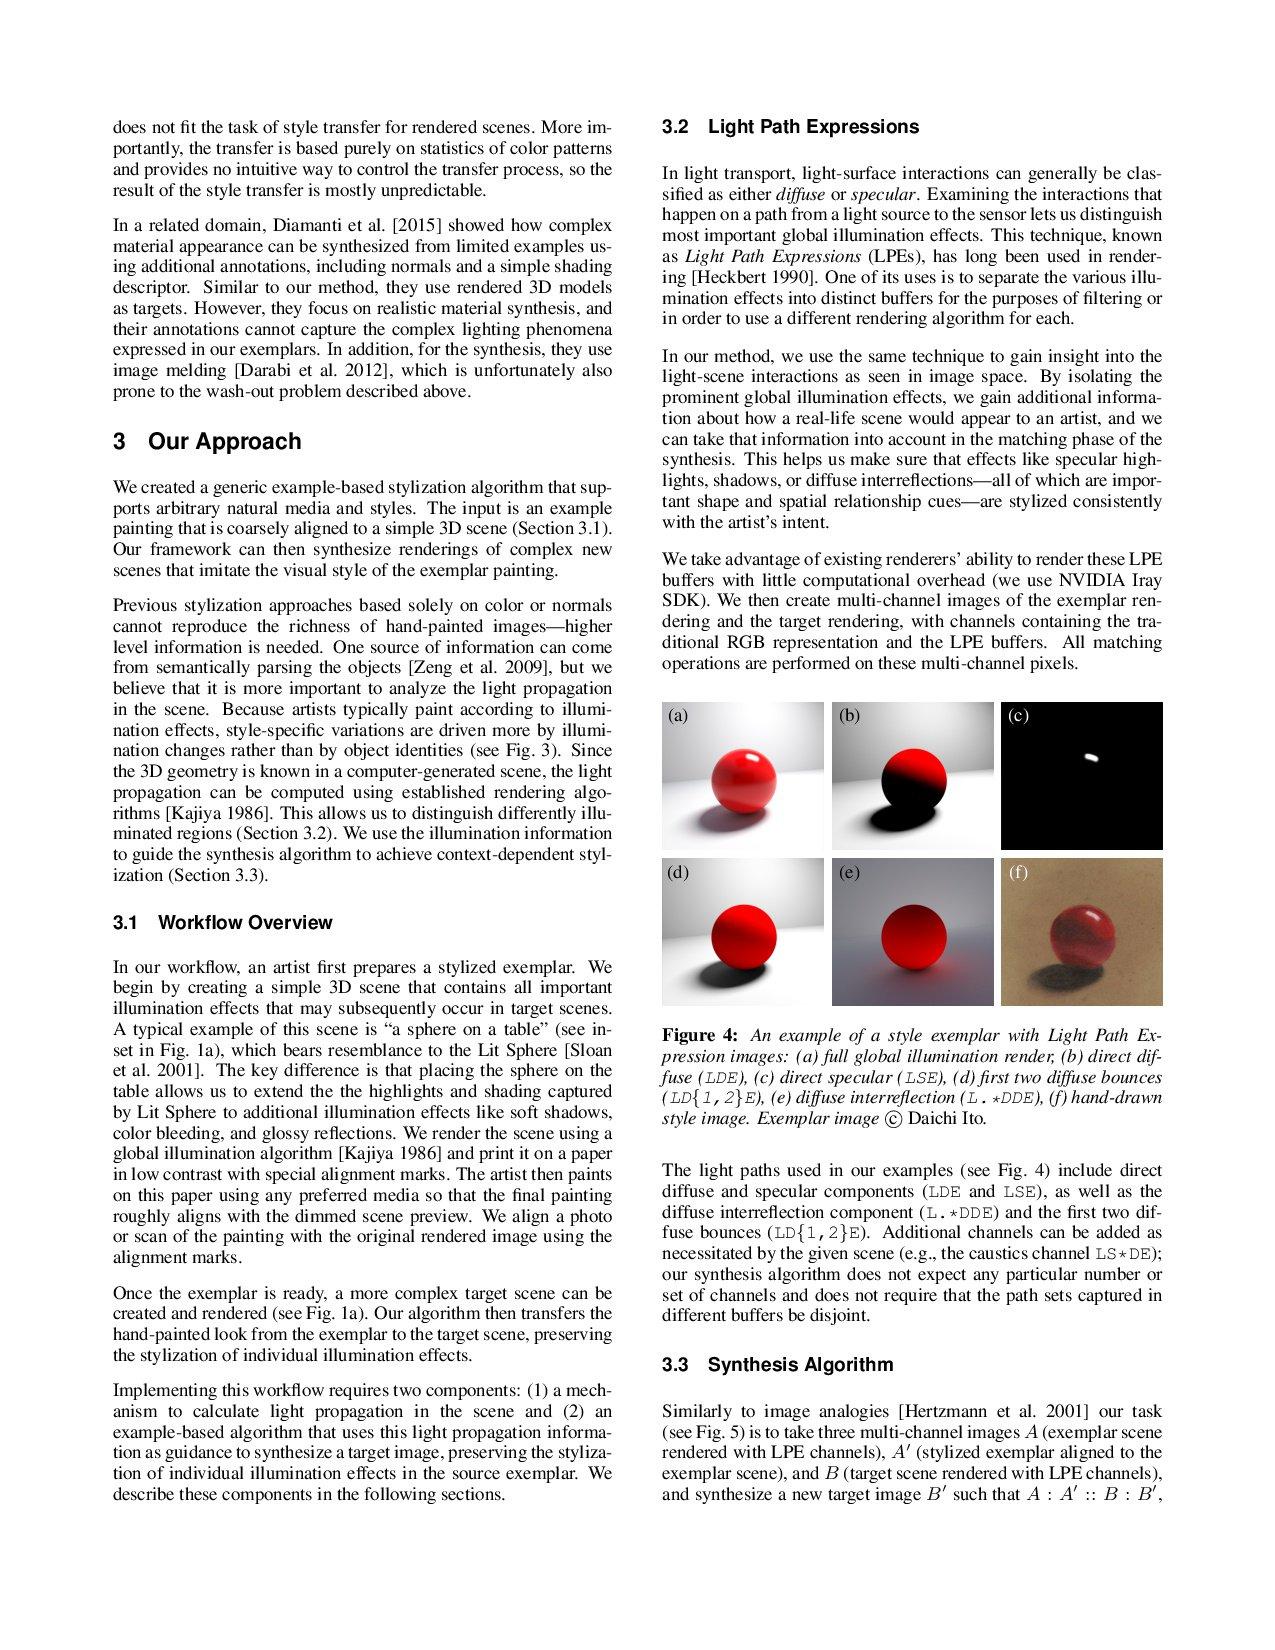 Dcgi Publication Stylit Illumination Guided Example Based